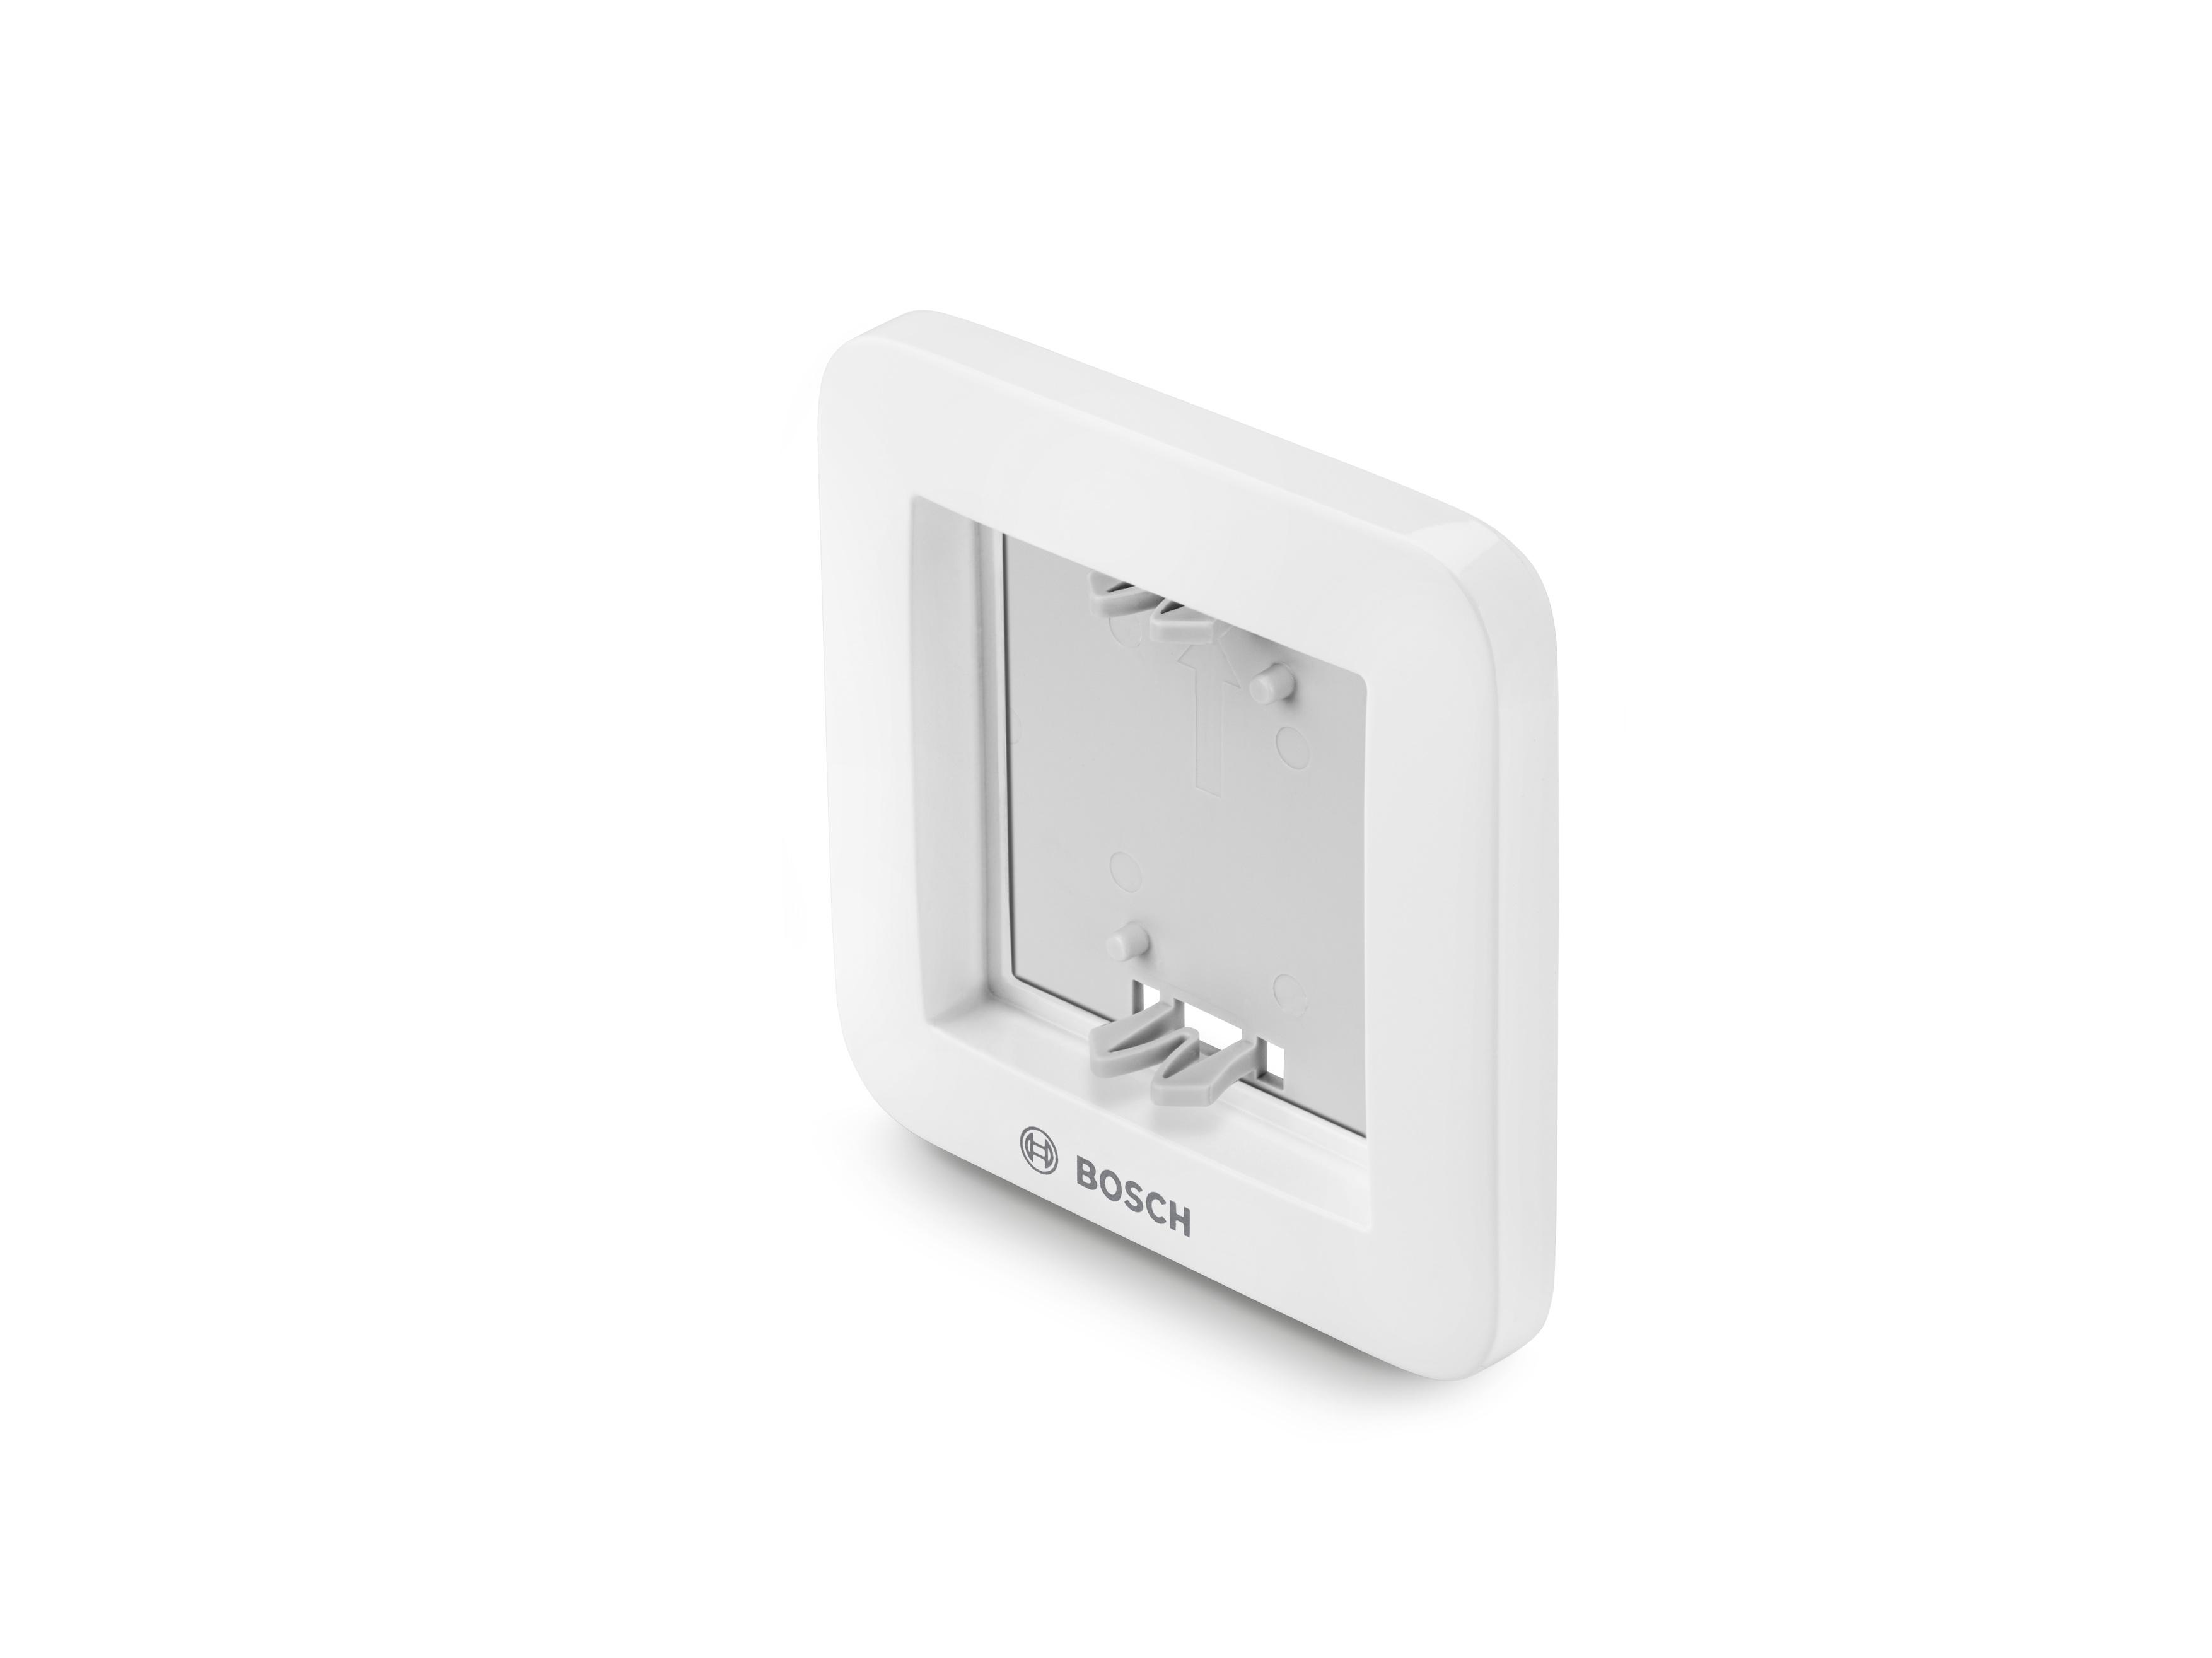 Bosch Kühlschrank Schalter Neben Licht : Mehr sicherheit mehr komfort mehr möglichkeiten bosch media